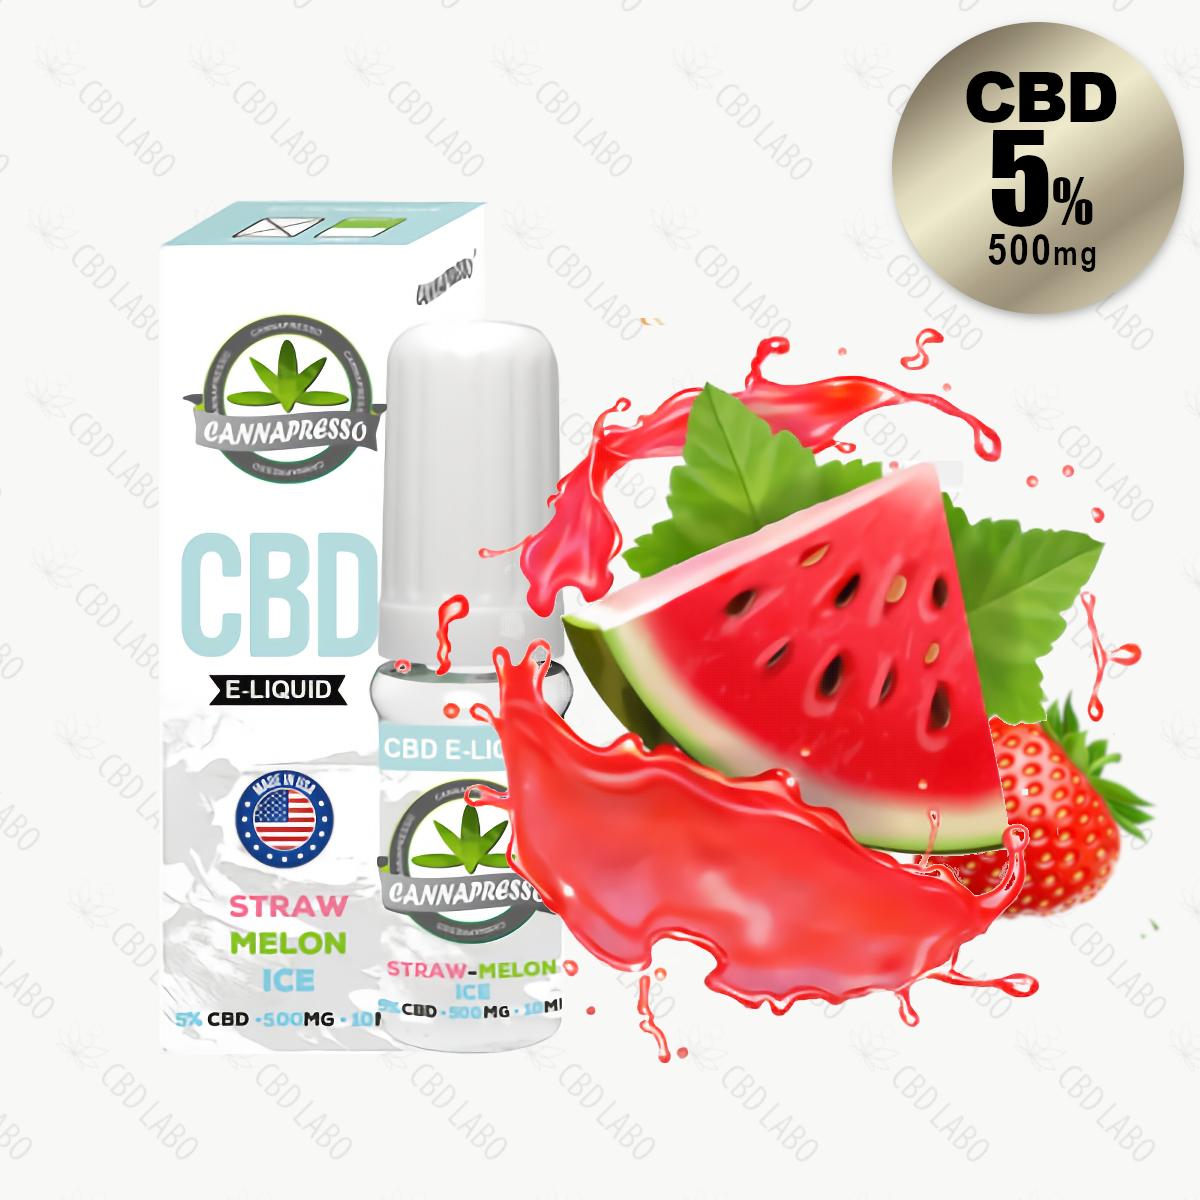 【送料無料】CANNAPRESSO CBDリキッド ストローメロンアイス 10ml CBD含有量500mg (5%)